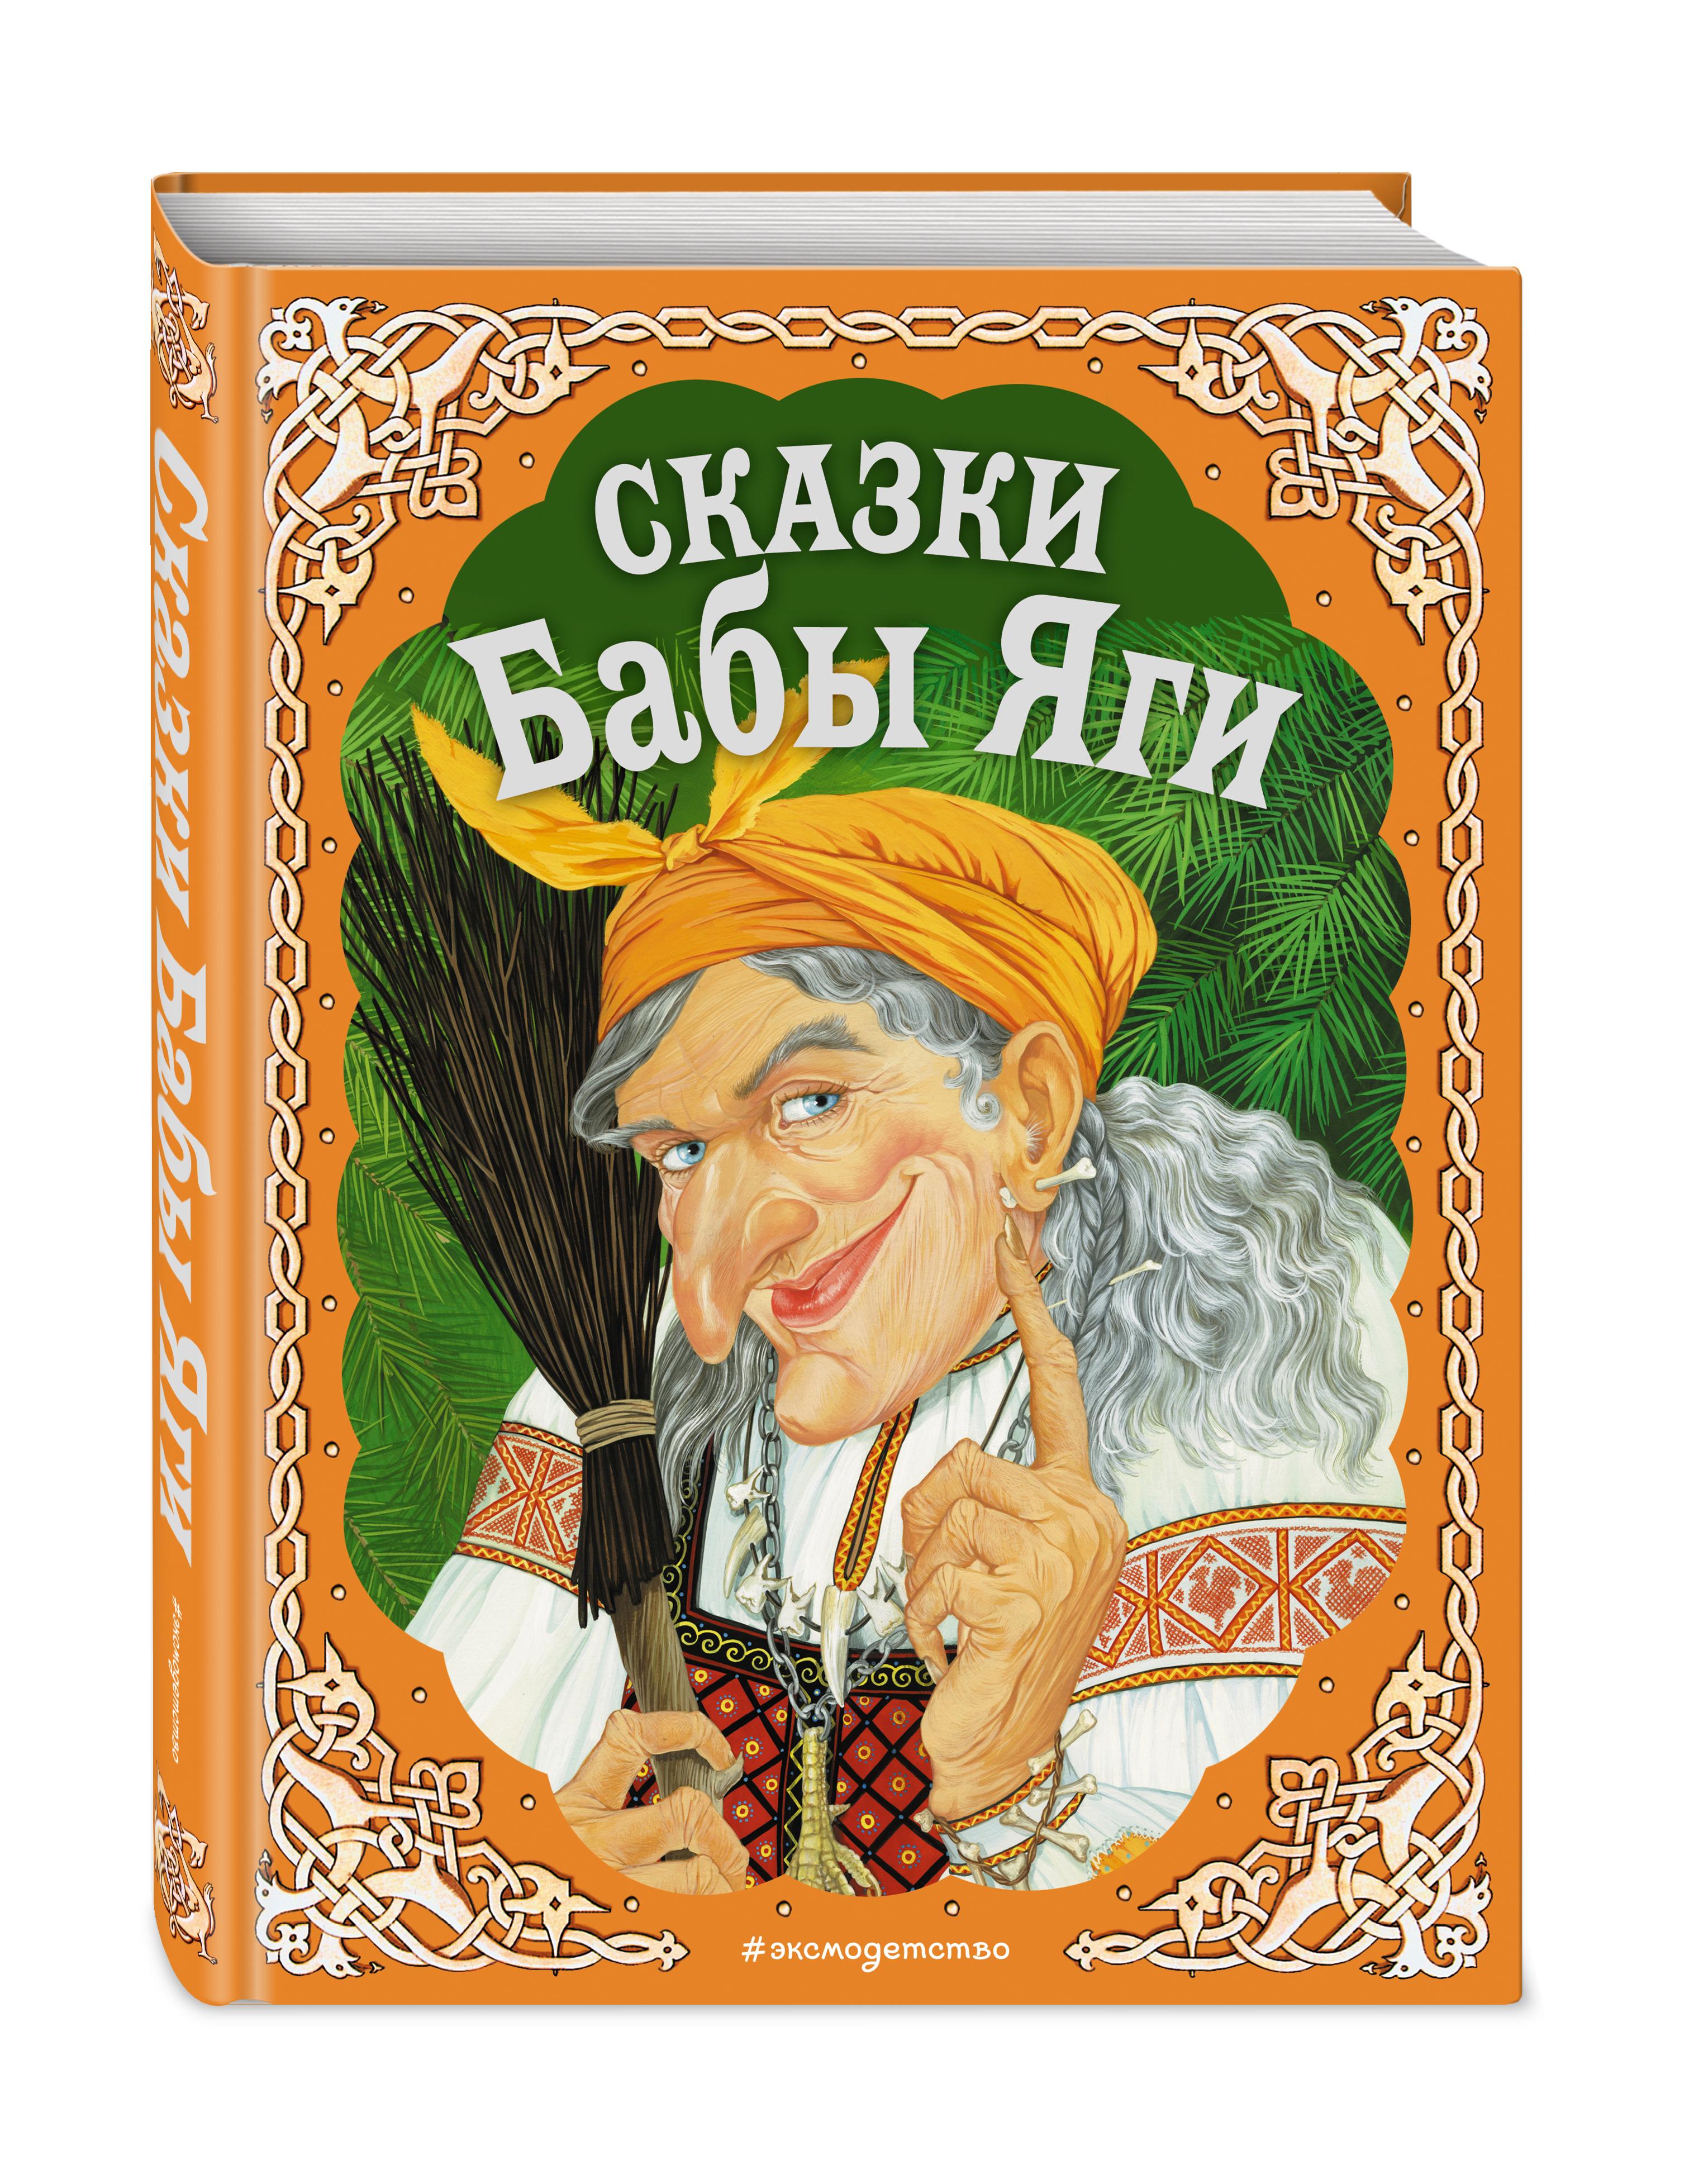 Сказки Бабы Яги эксмо сказки бабы яги